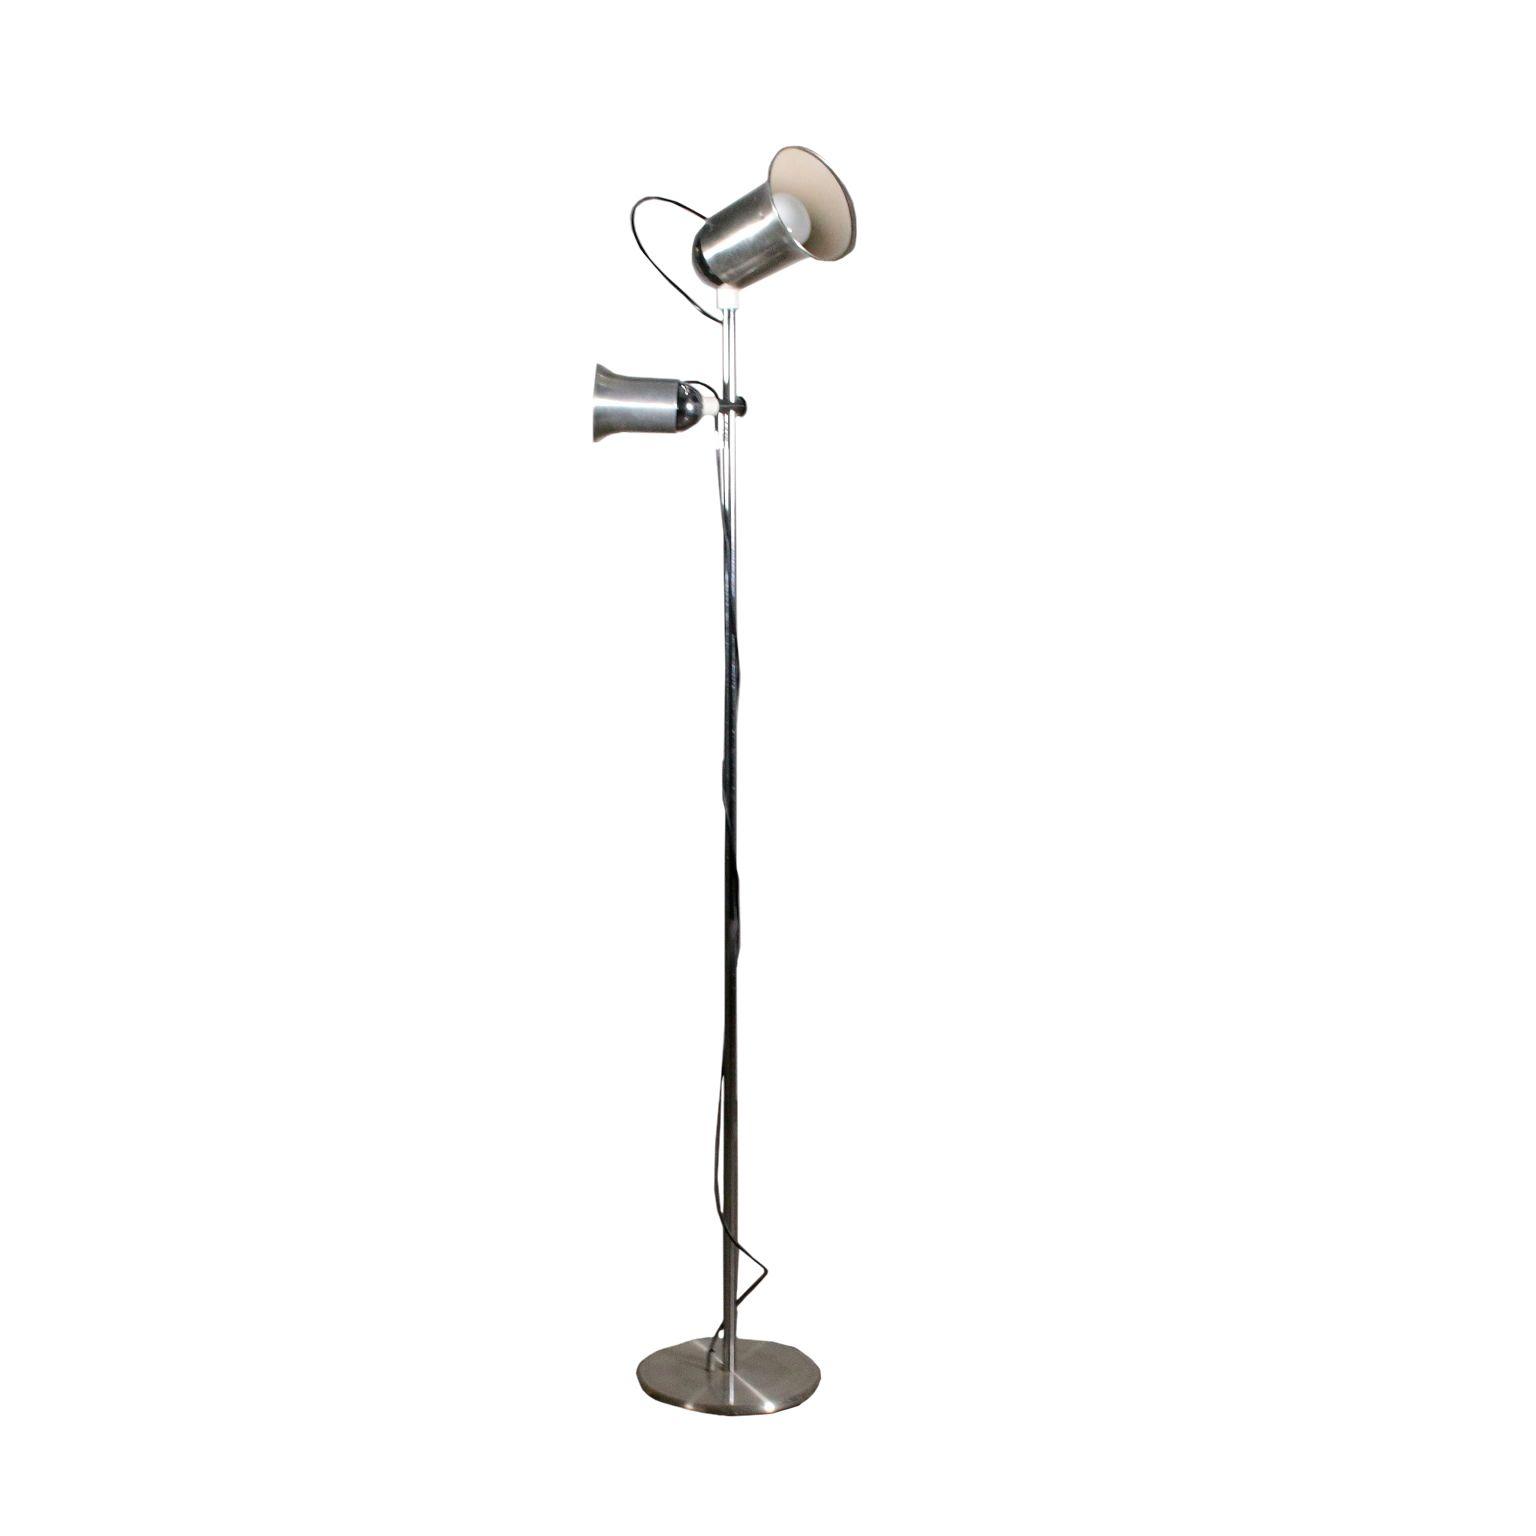 Vintage Stehlampe Metall Aluminium Vintage Italien 70er Jahren